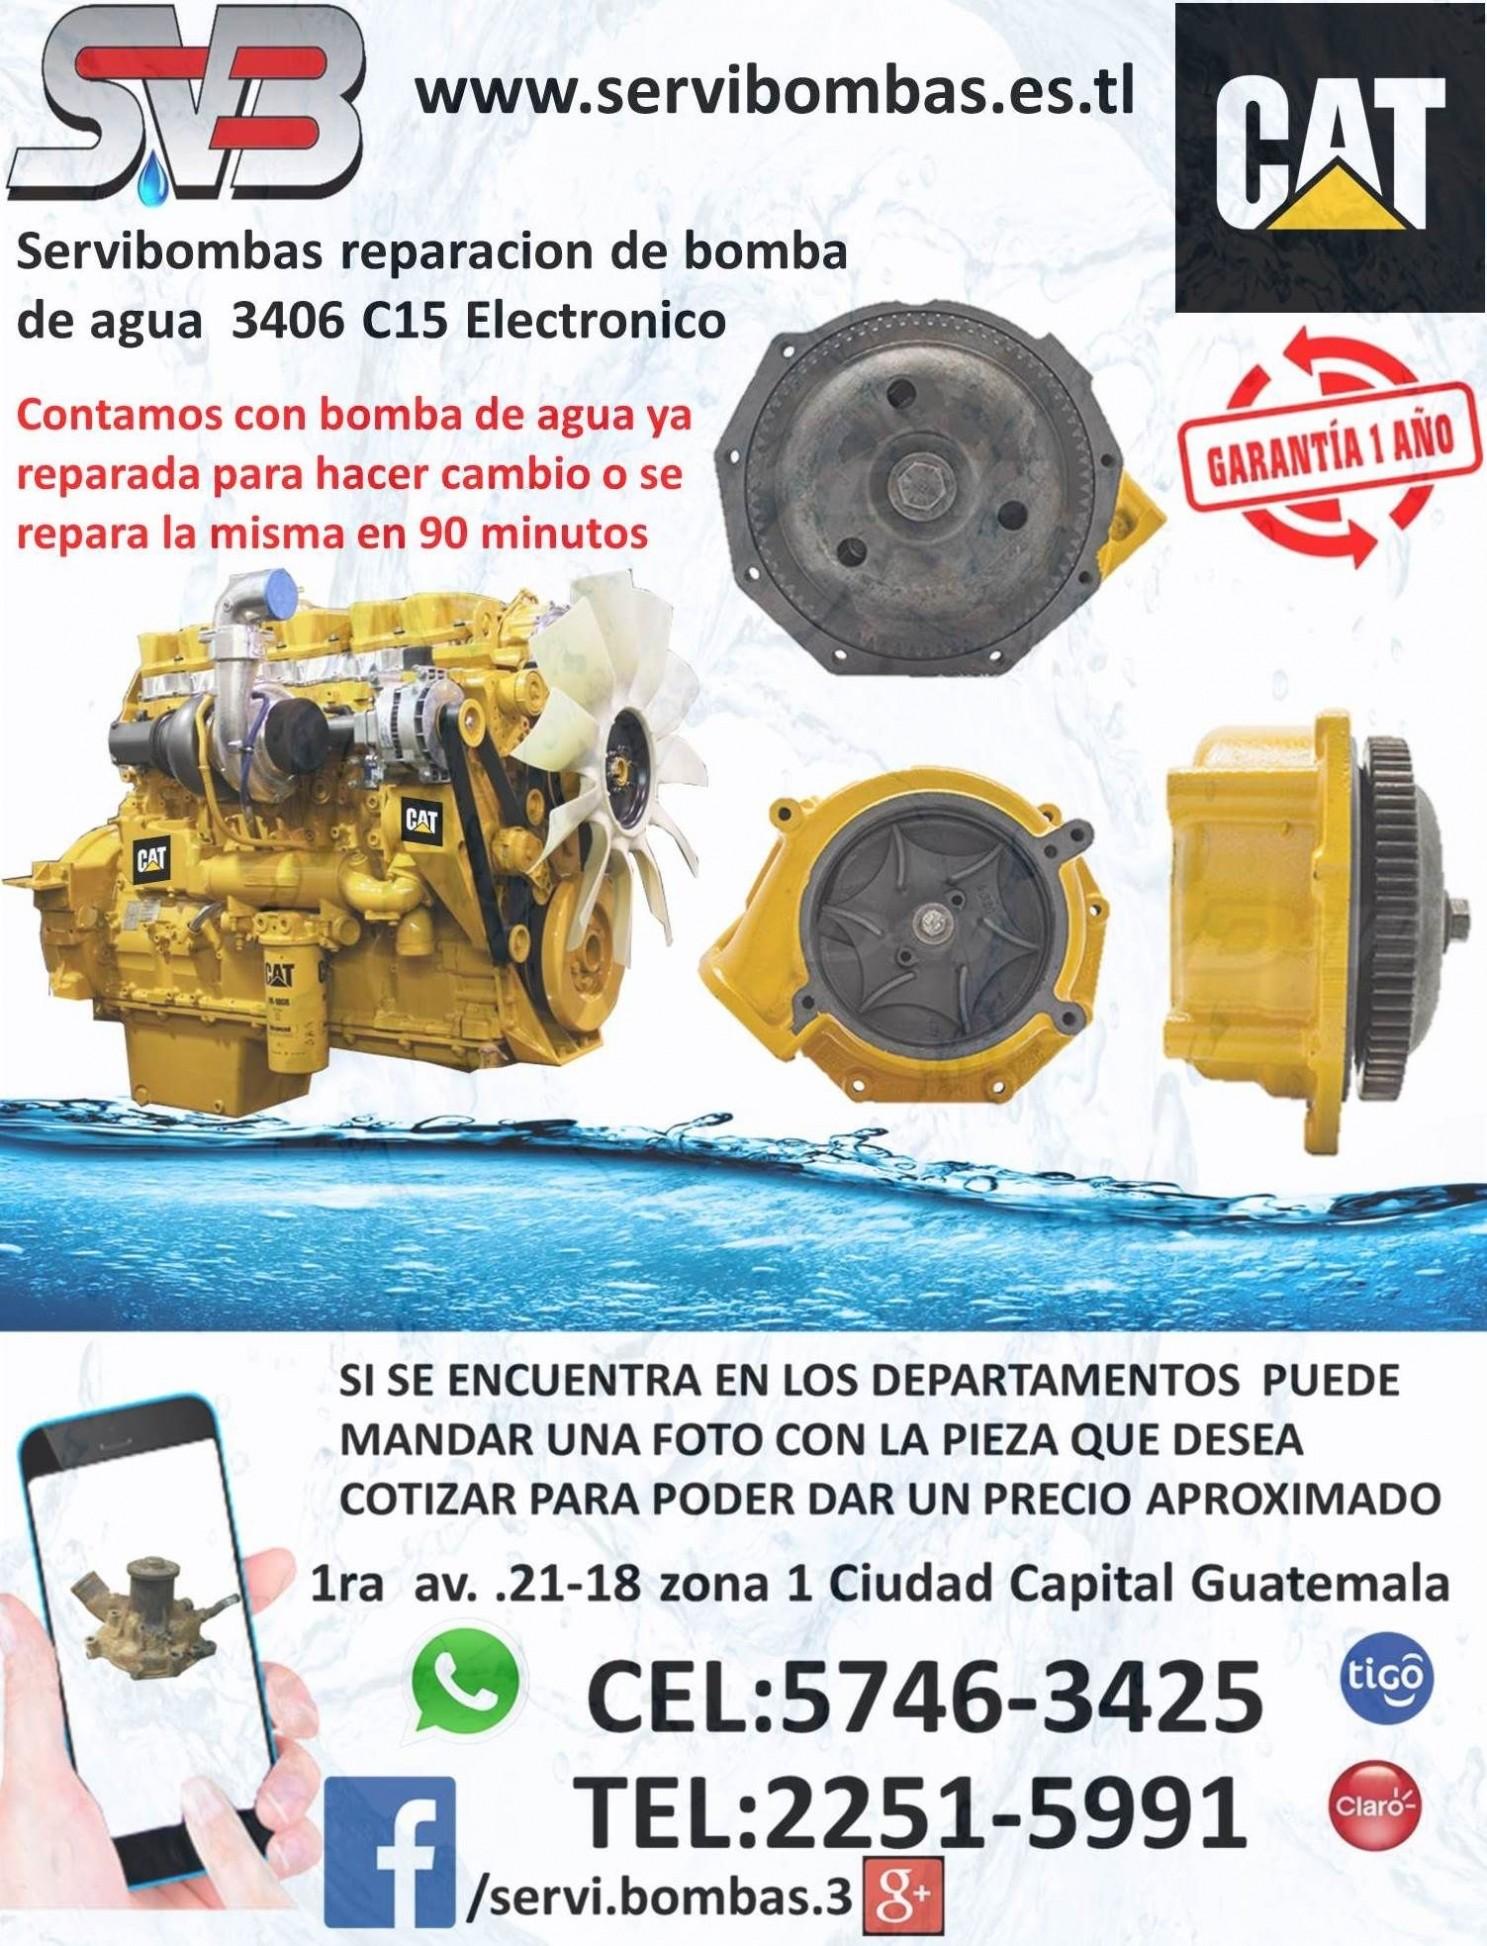 Imprimir Calendario 2017 Guatemala Más Arriba-a-fecha Blend Radiador Pierde Agua — Blendiberia Of Imprimir Calendario 2017 Guatemala Actual Examinar Imprimir Calendario Trello